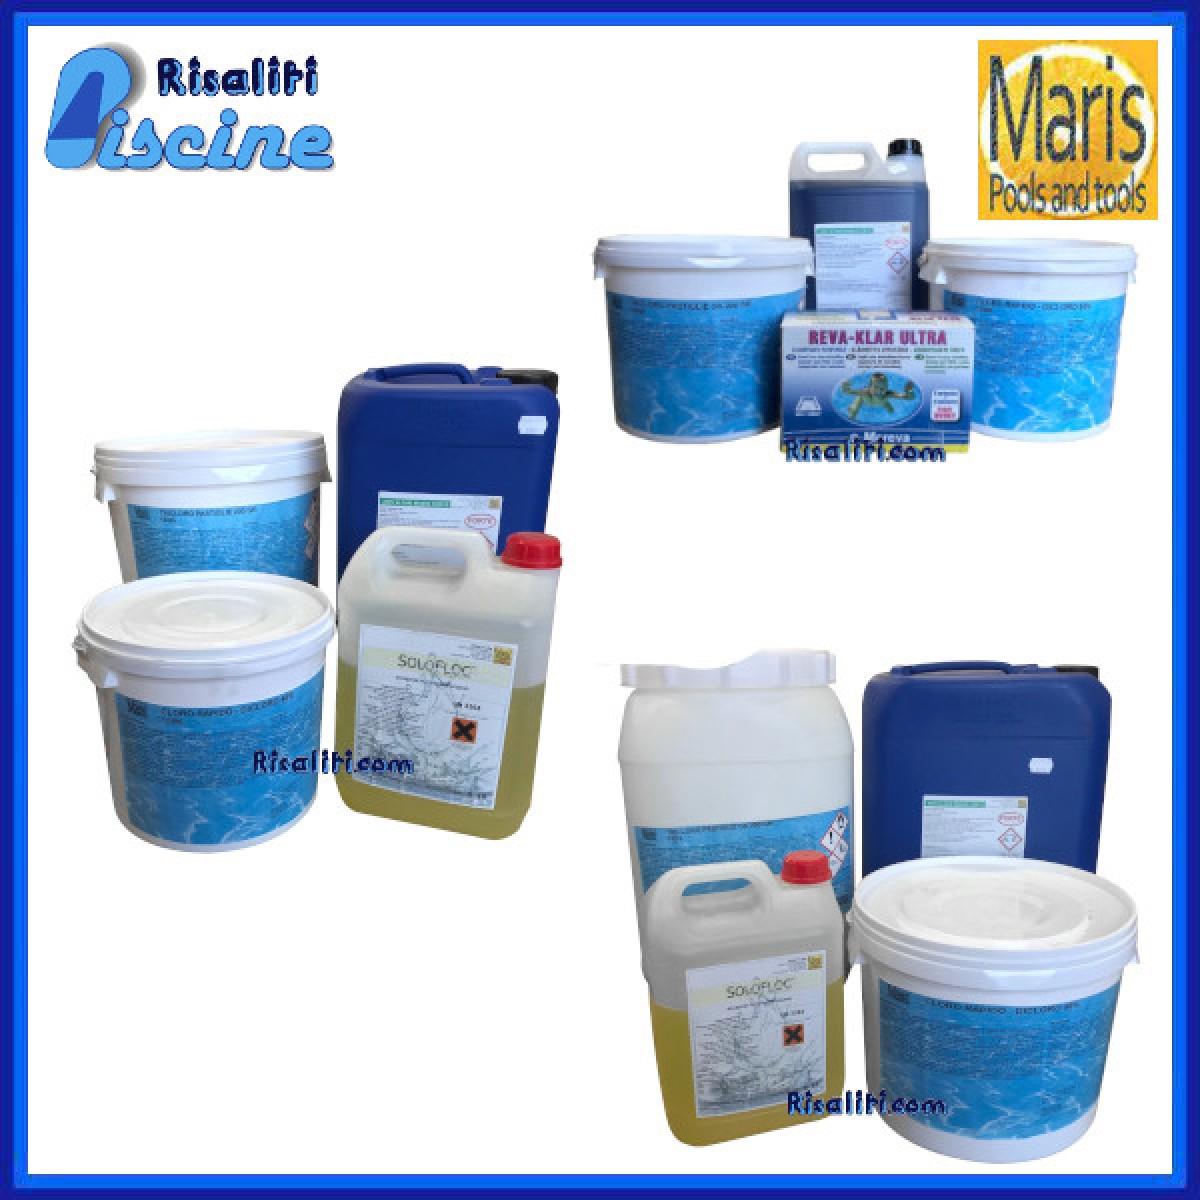 risaliti depurazione acqua e piscine prato e pistoia kit